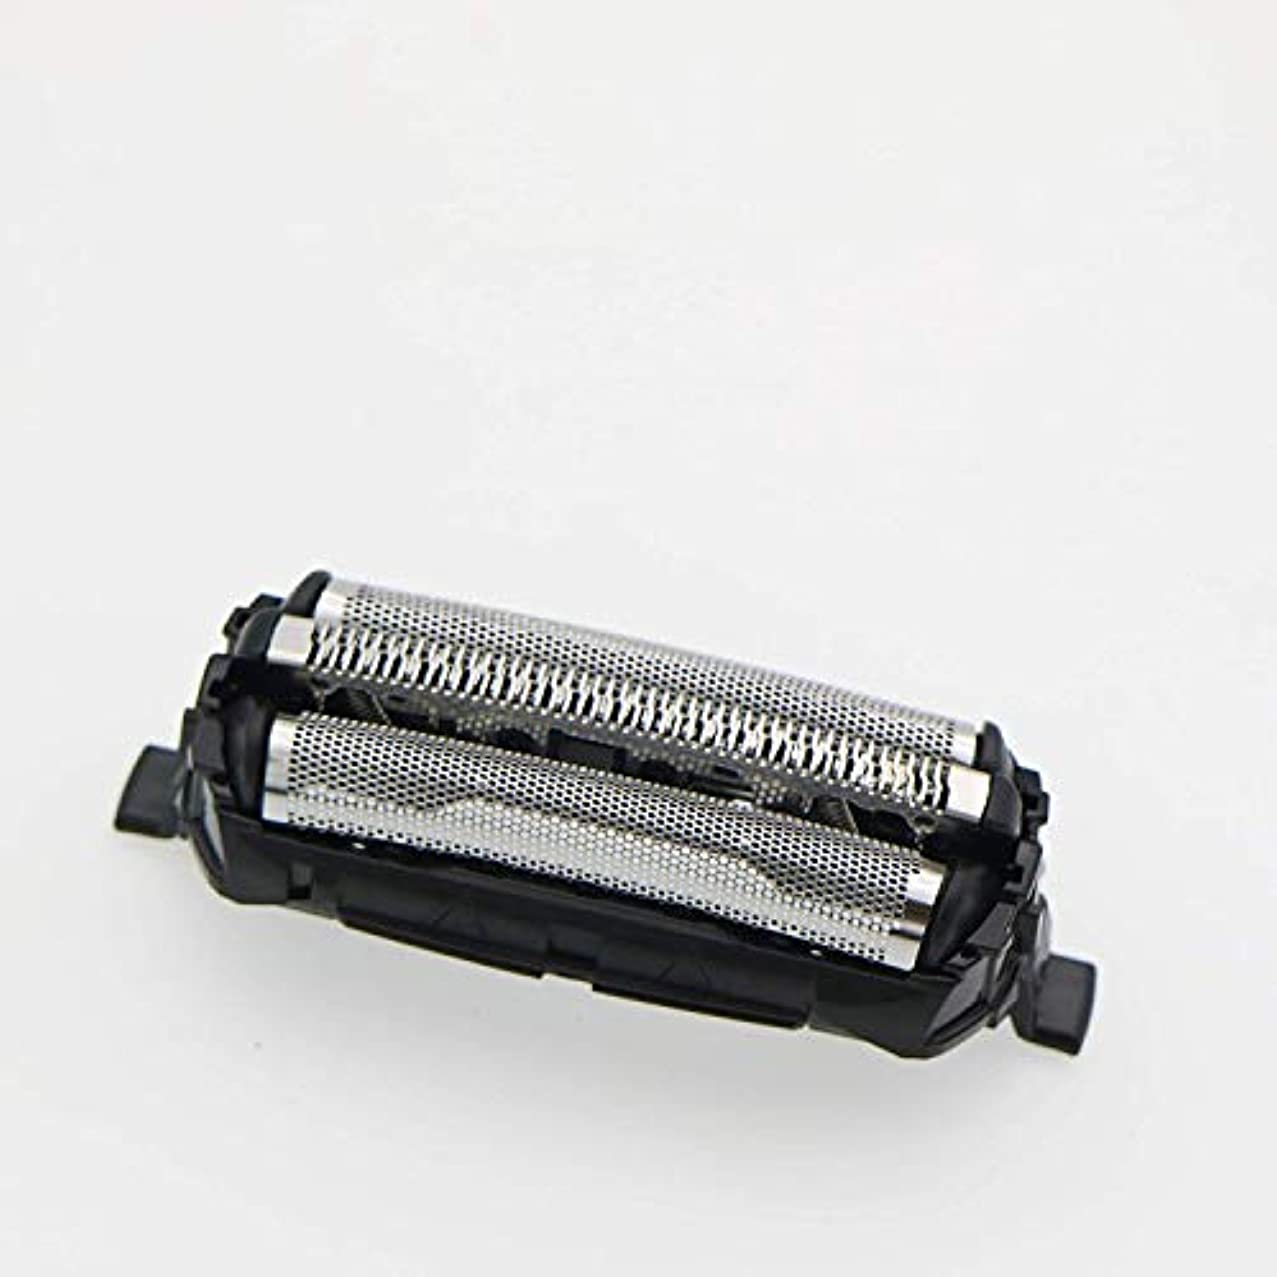 若さ排除幻影VWONST シェーバー 交換 WES 9087 ホイル スクリーン WES9087 ES-ST23 ES-ST25 ES-GA40 ES-ST25 ES-RT77 ES-RT47 ES-ERT6 ES-ERT7 ES-SL10...